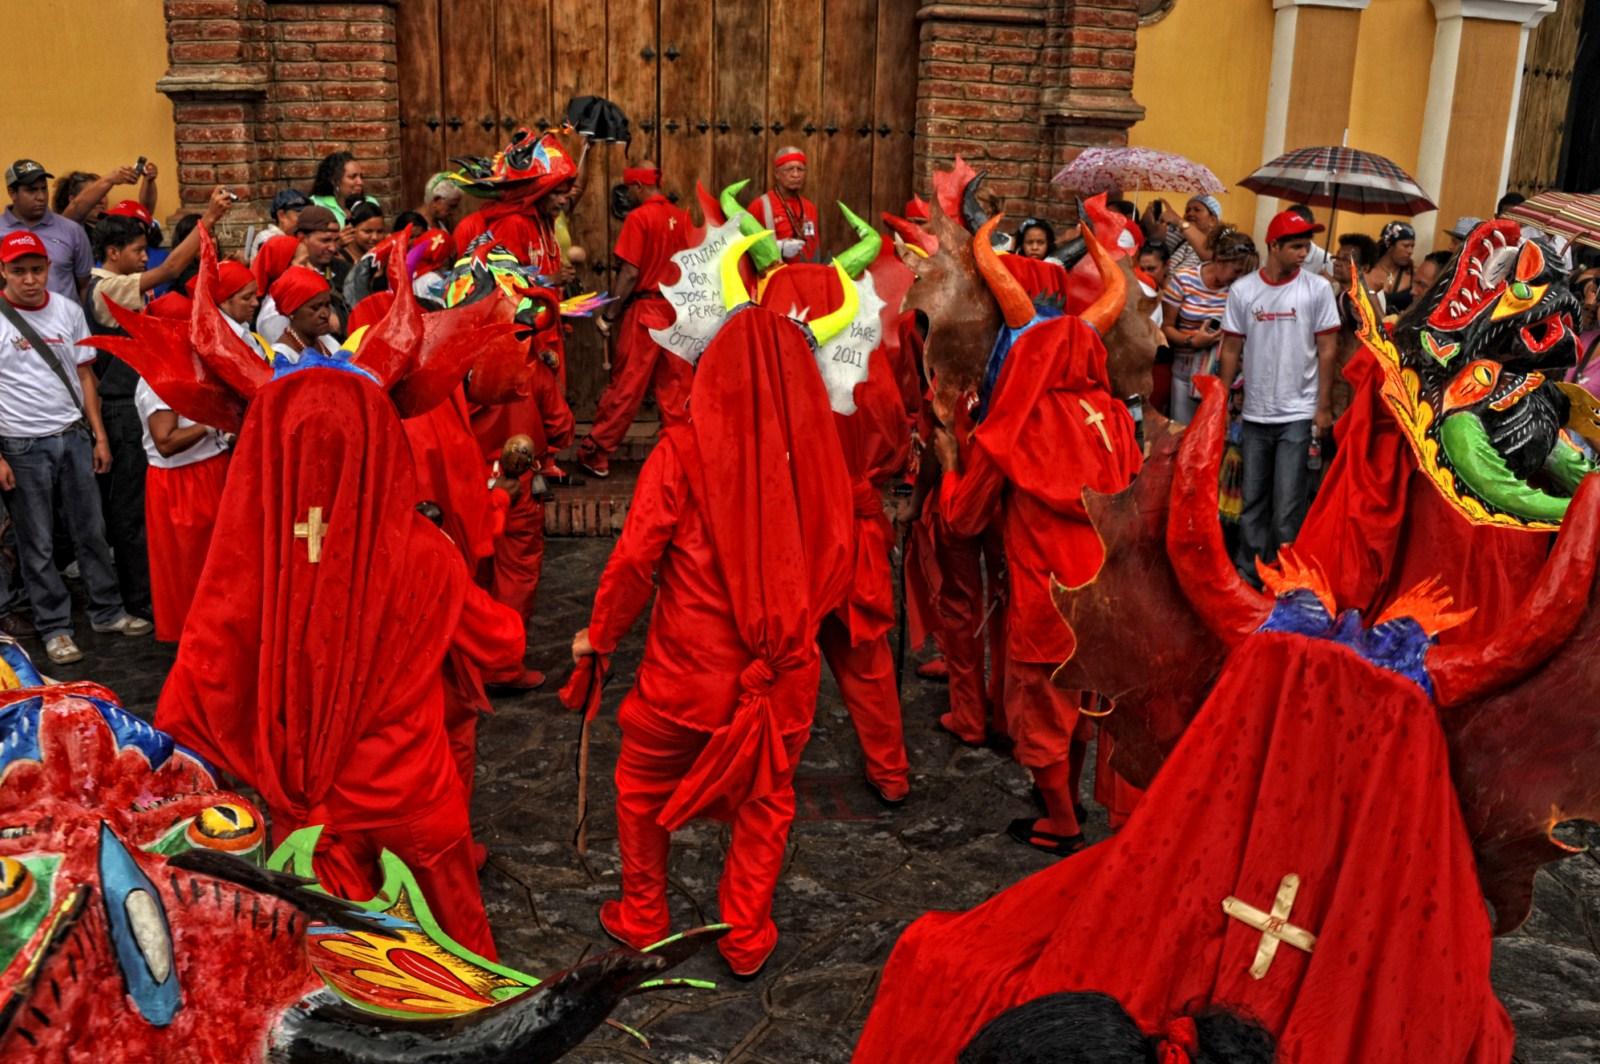 diablos danzantes: